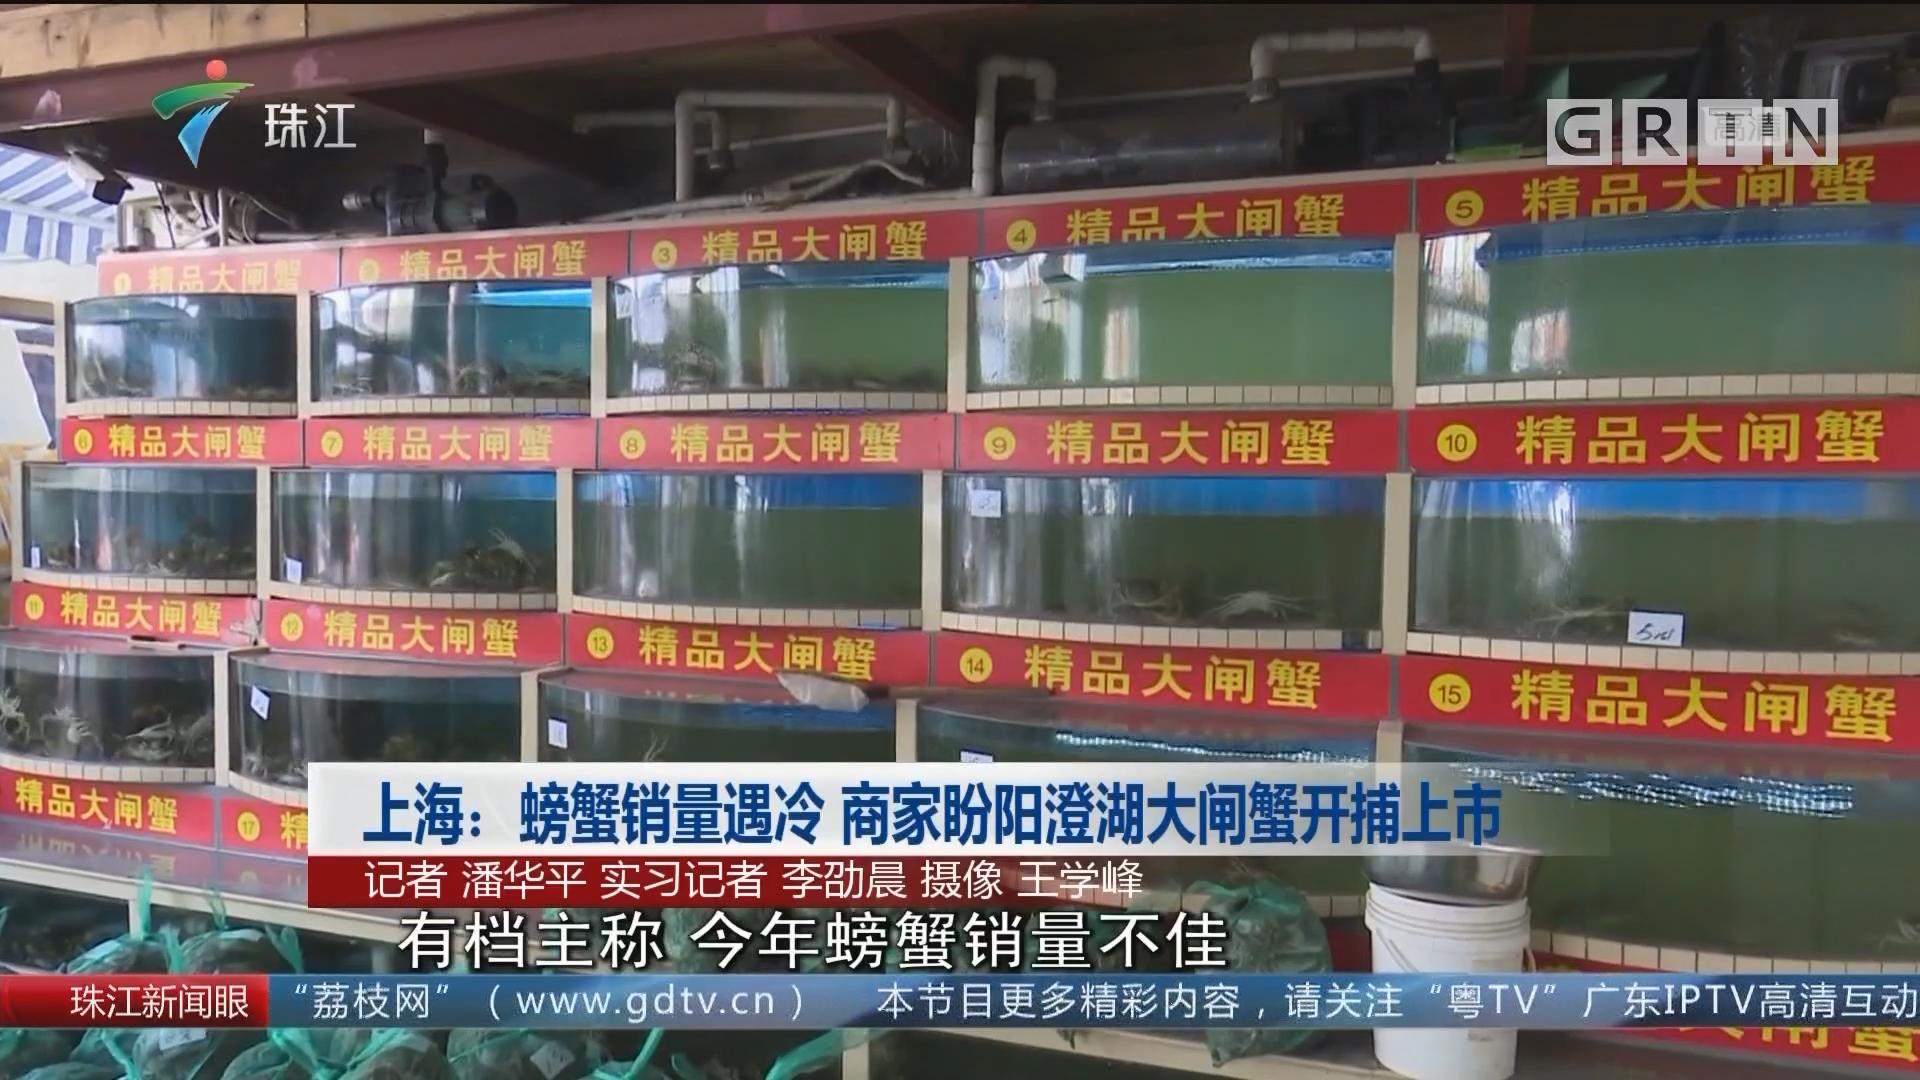 上海:螃蟹销量遇冷 商家盼阳澄湖大闸蟹开捕上市